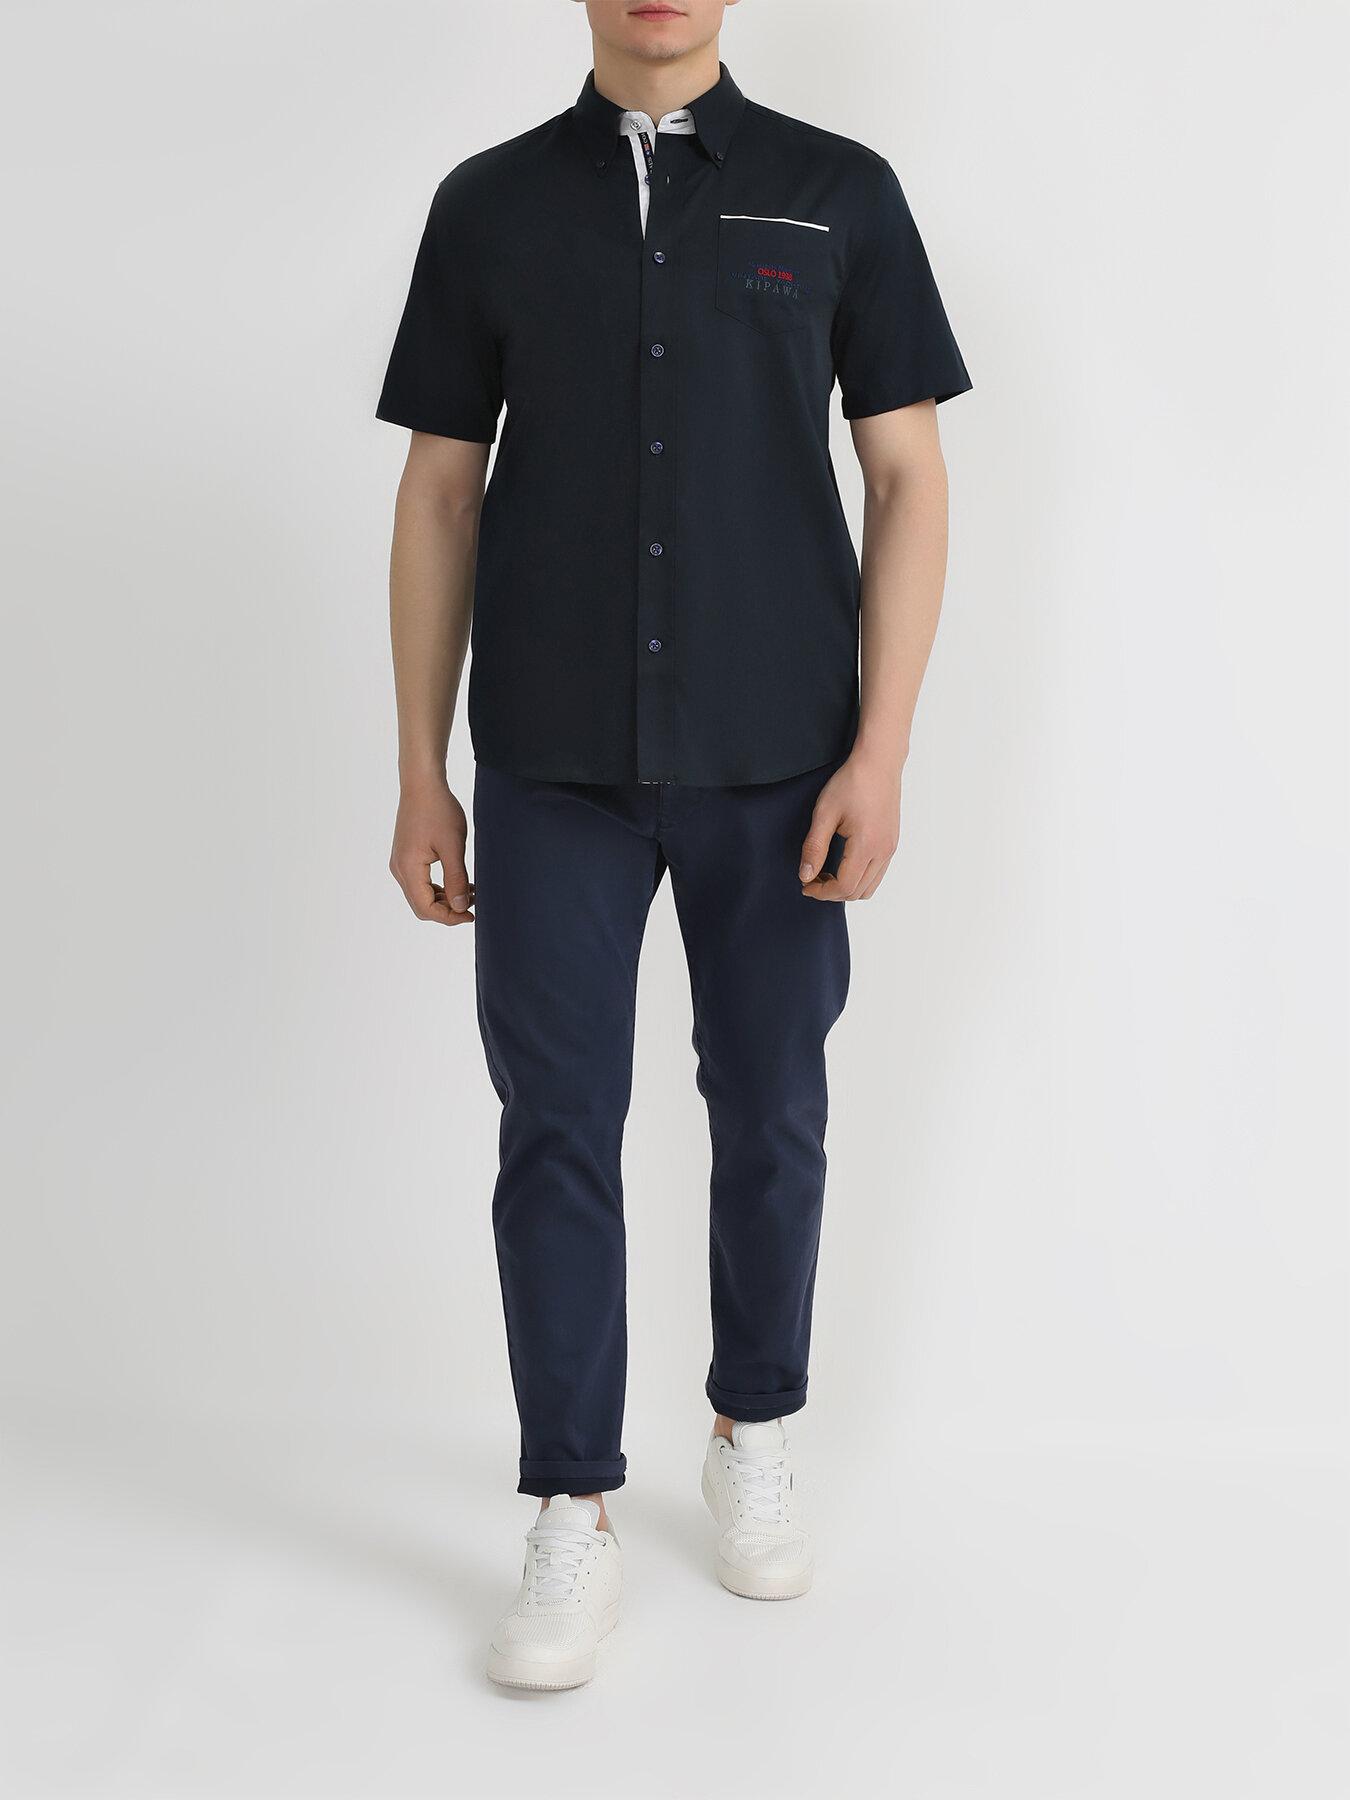 Рубашка Alessandro Manzoni Yachting Рубашка с коротким рукавом